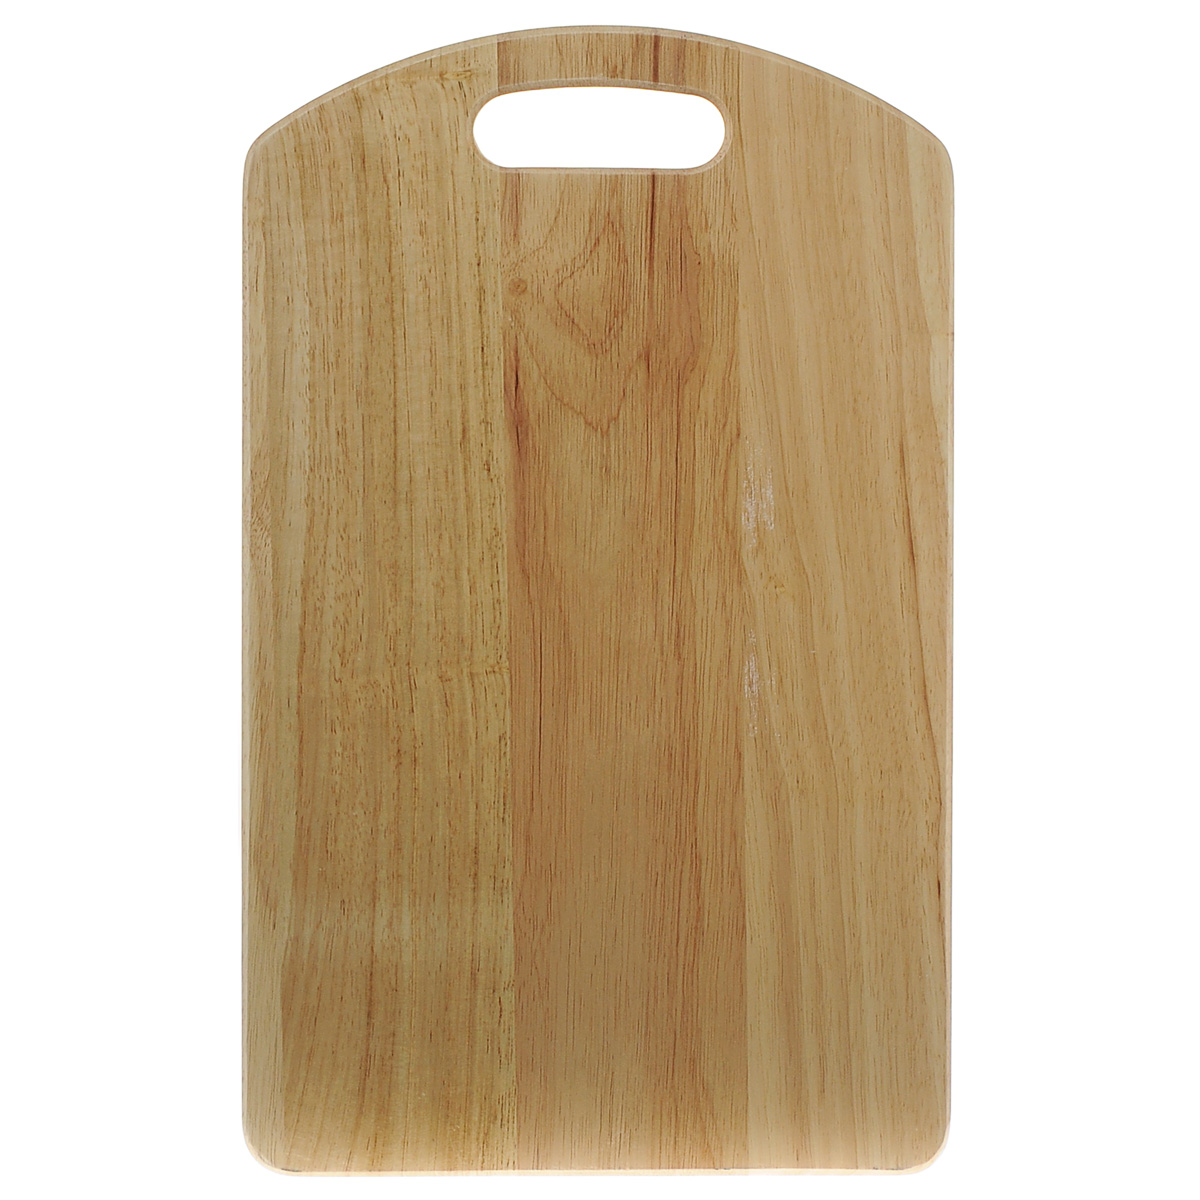 Доска разделочная Green Way, 45 см х 28 см9/742Разделочная доска Green Way изготовлена из натурального дерева. Прекрасно подходит для приготовления и сервировки пищи. Всем известно, что на кухне без разделочной доски не обойтись. Ведь во время приготовления пищи мы то и дело что-то режем. Поэтому разделочная доска должна быть изготовлена из прочного и экологически чистого материала, ведь с ней соприкасается наша пища. Доска оснащена специальным отверстием для подвешивания в любом удобном месте.Функциональная и простая в использовании, разделочная доска Green Way прекрасно впишется в интерьер любой кухни и прослужит вам долгие годы.Нельзя мыть в посудомоечной машине.